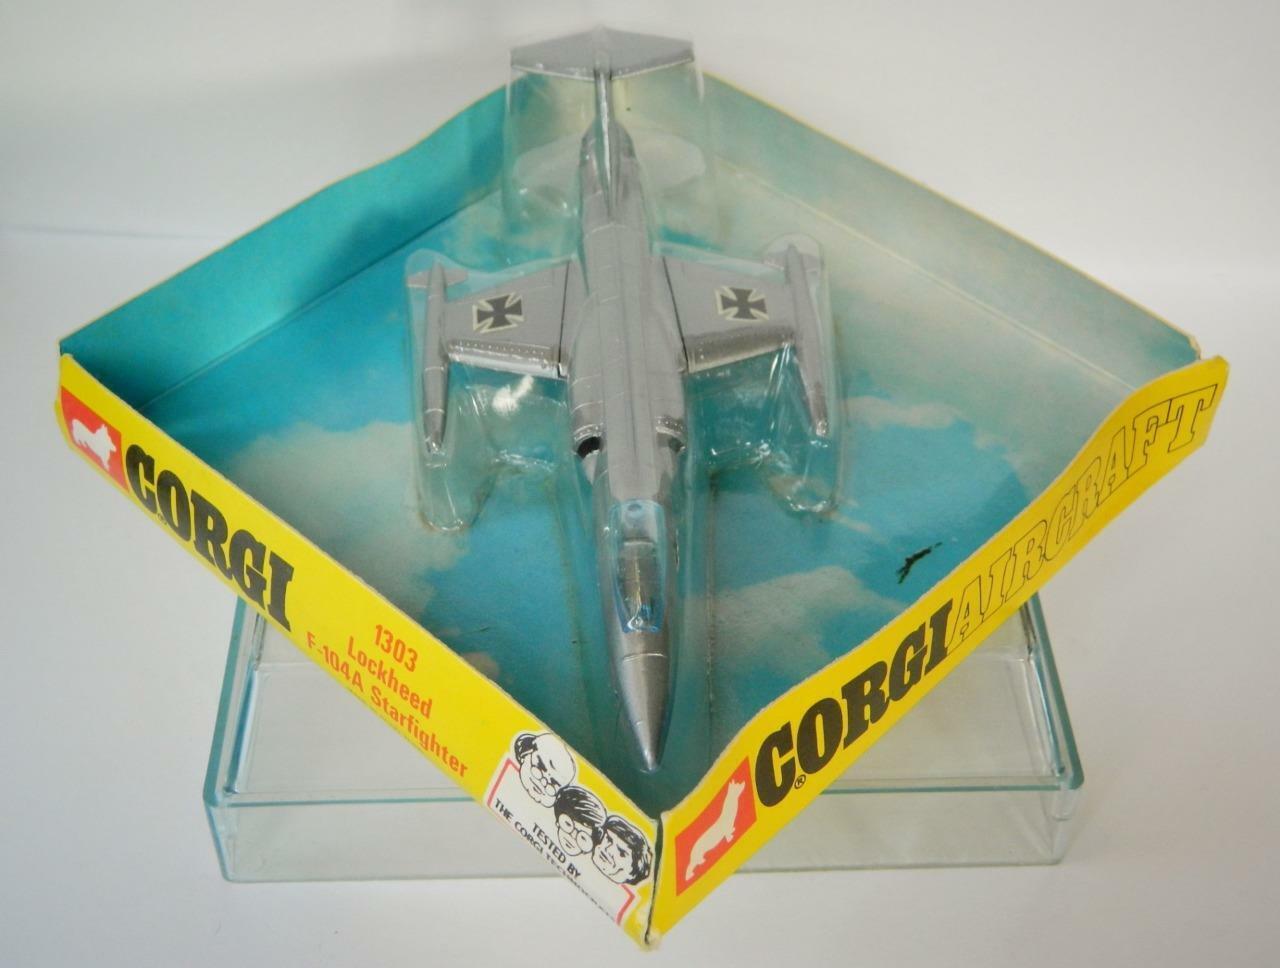 CORGI BOXED DIECAST VINTAGE 1972 No.1303 LOCKHEAD F-104A STARFIGHTER HONG KONG